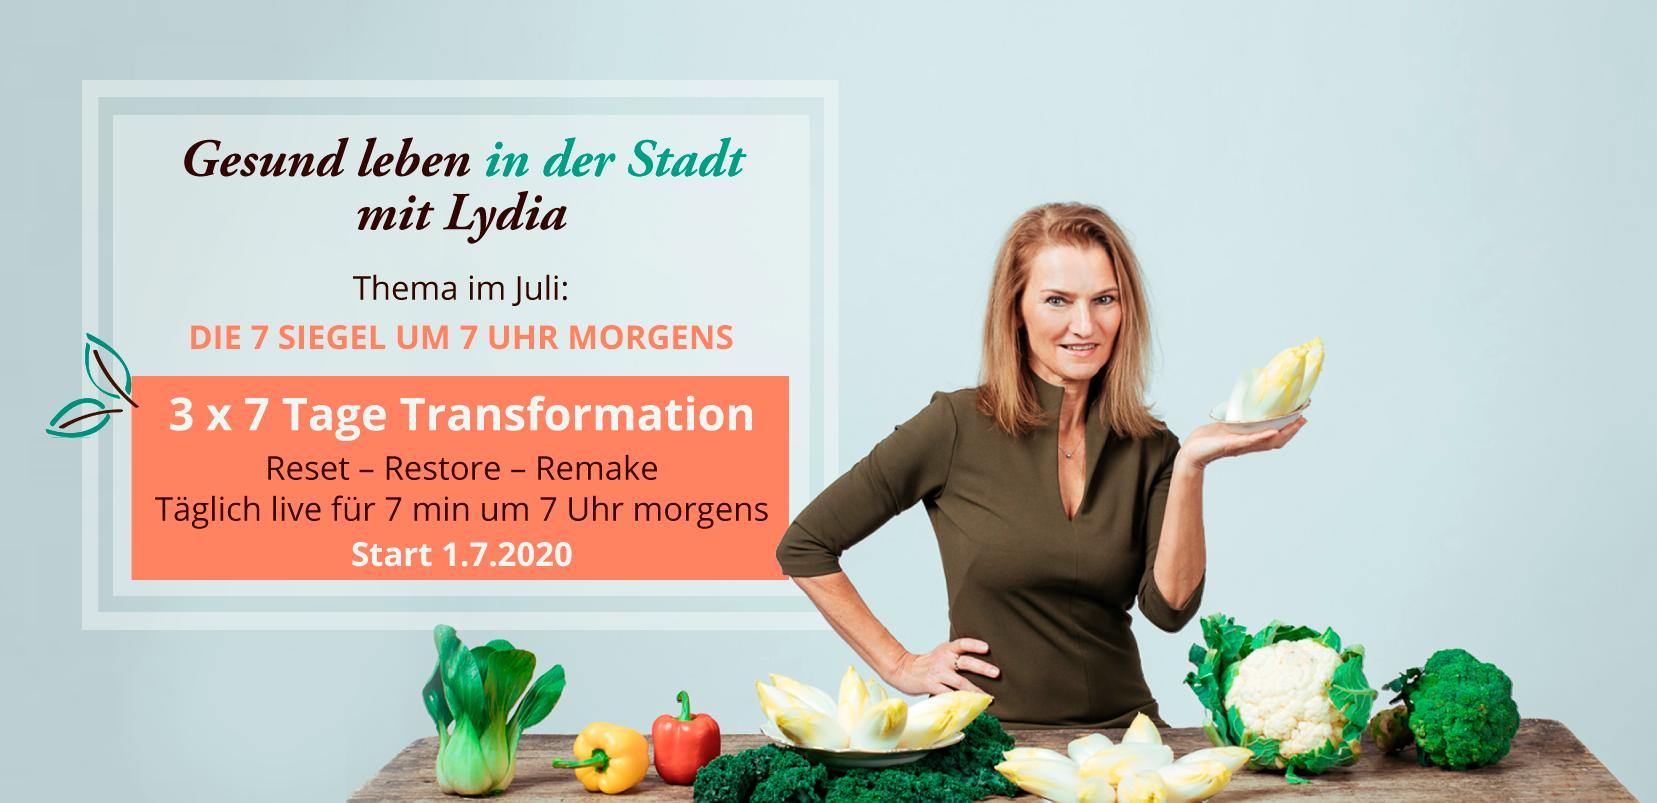 ydia Fillbach - Start der Neustart-Challenge am 1.7.2020